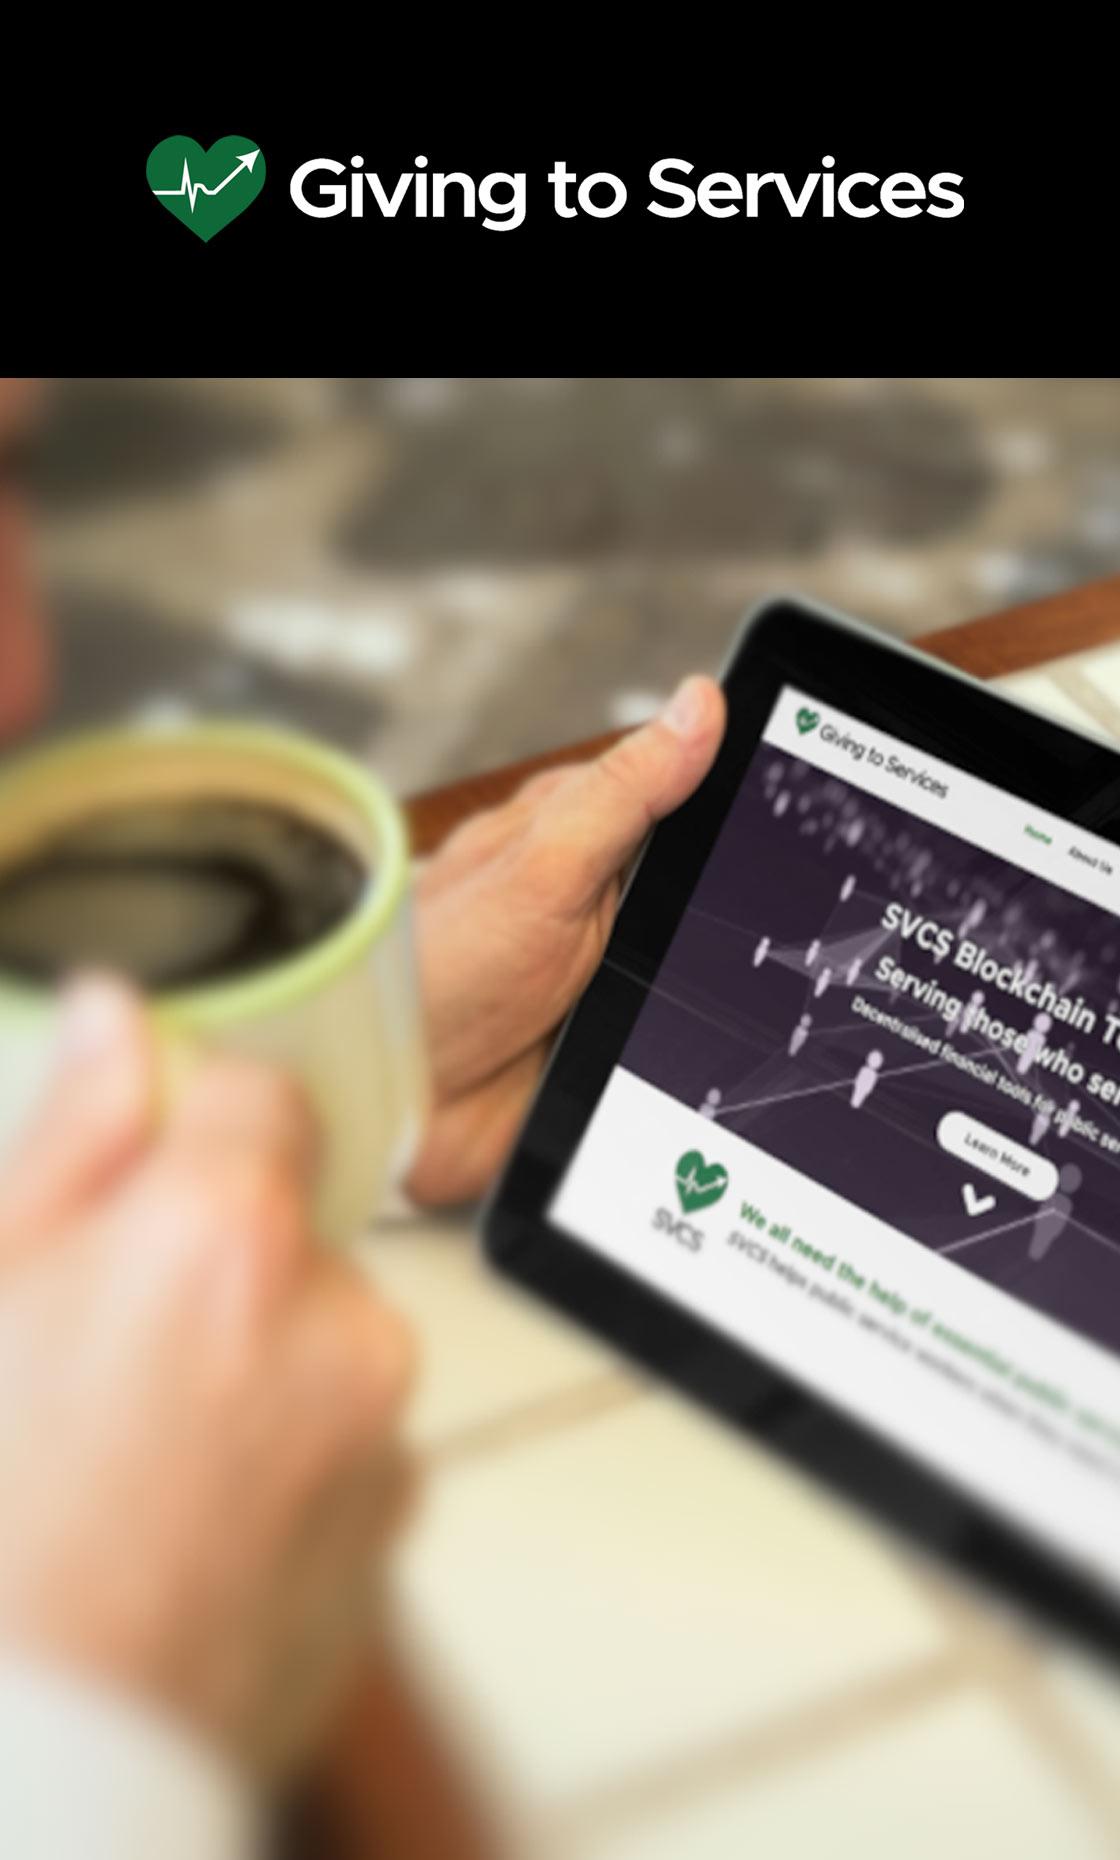 Giving to Services - SVCS - Whitepaper, Branding & Marketing